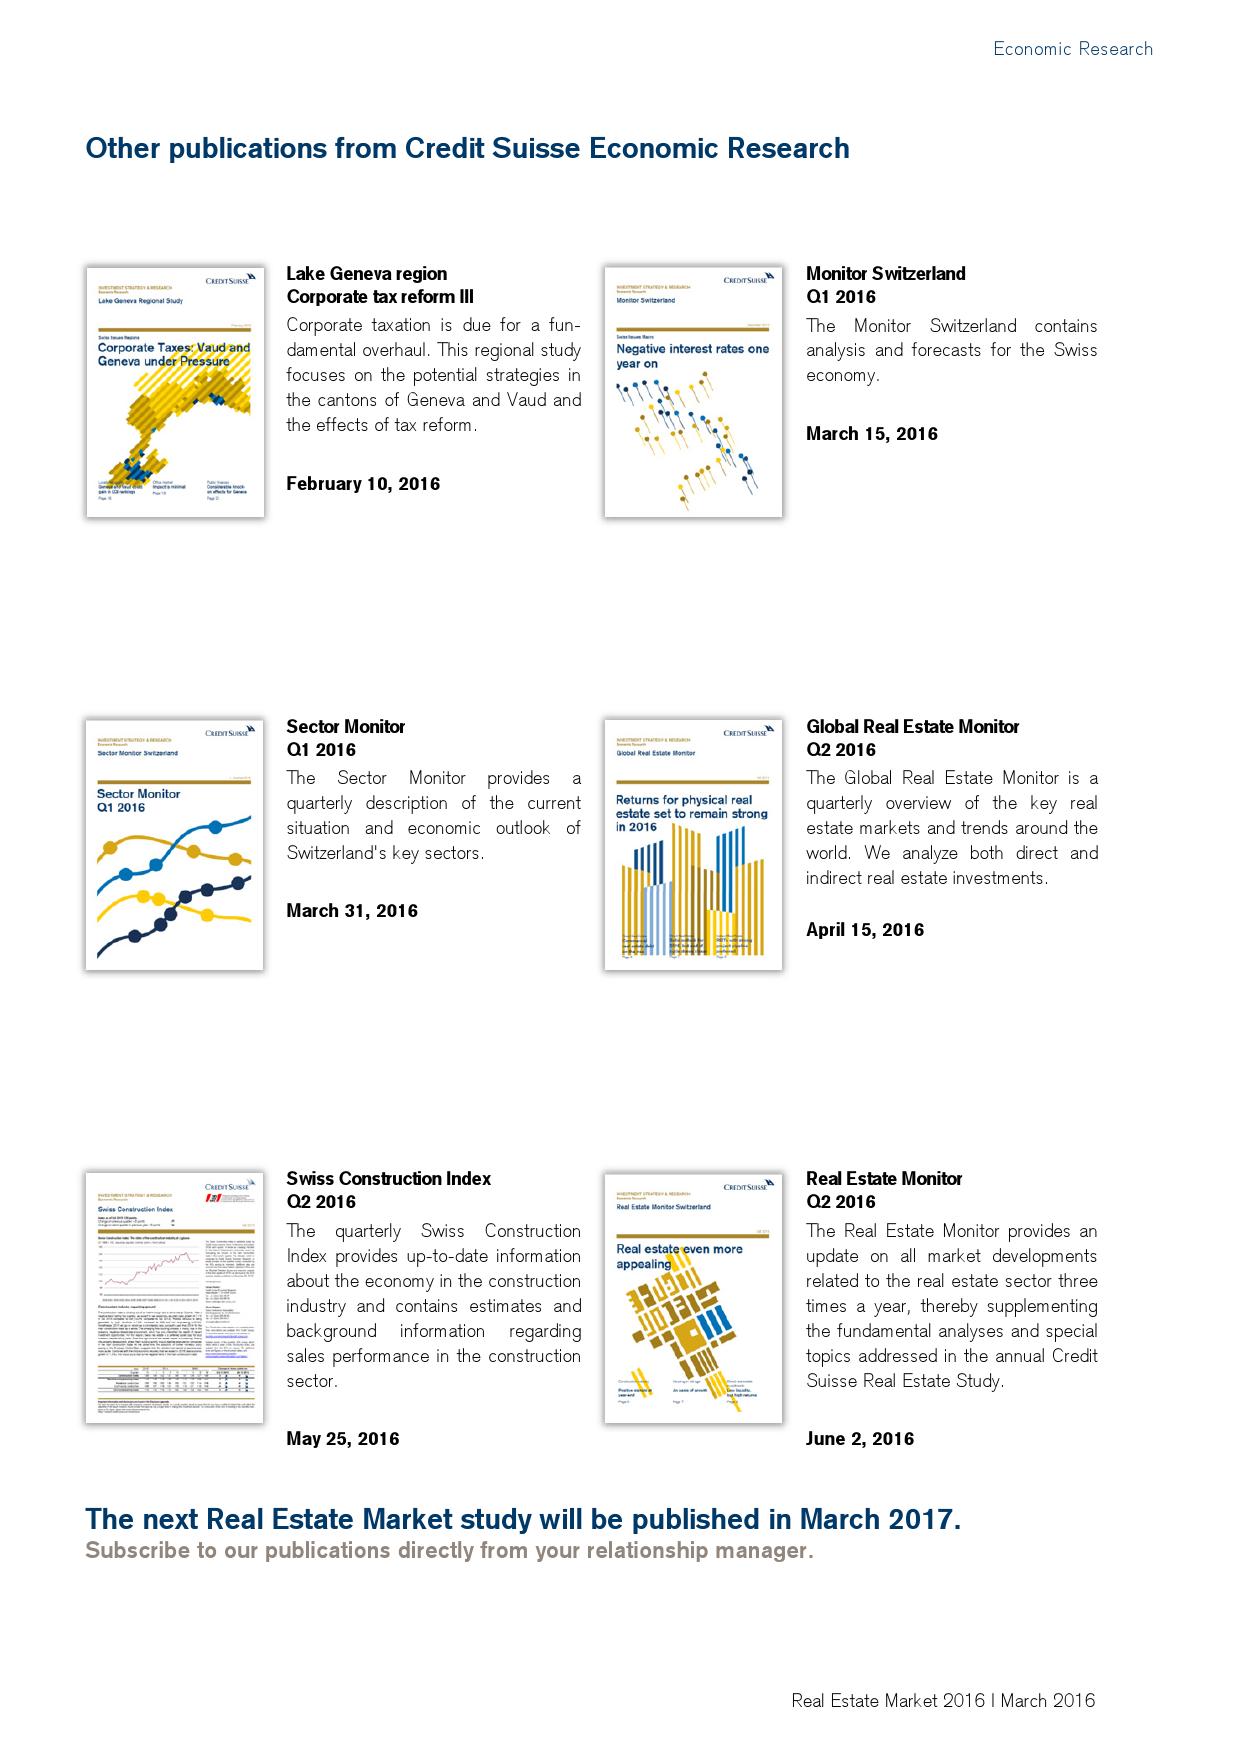 2016年瑞士房地产市场研究报告_000083